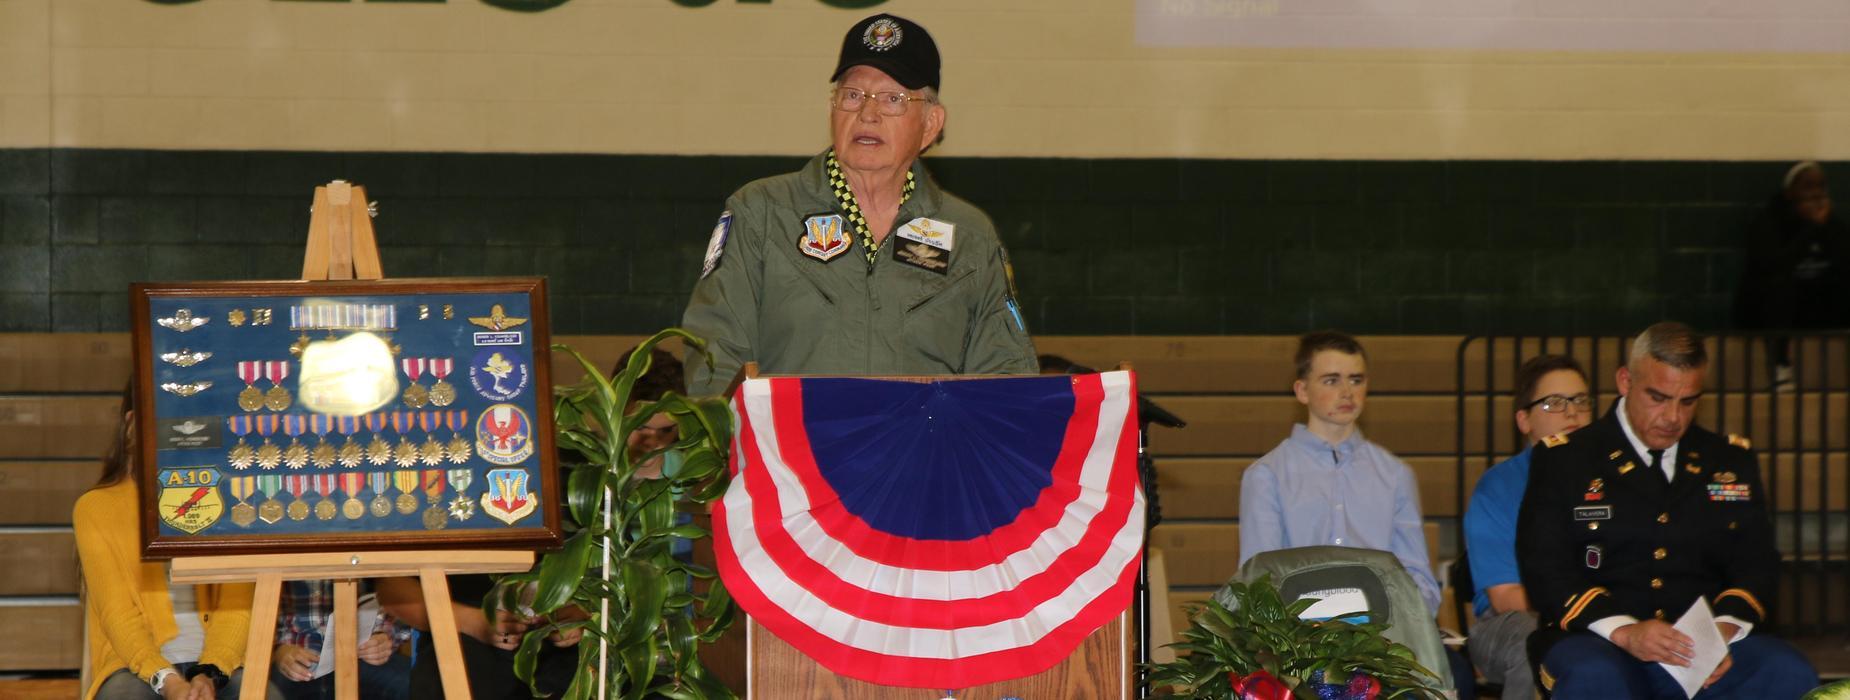 Veterans Day Speaker